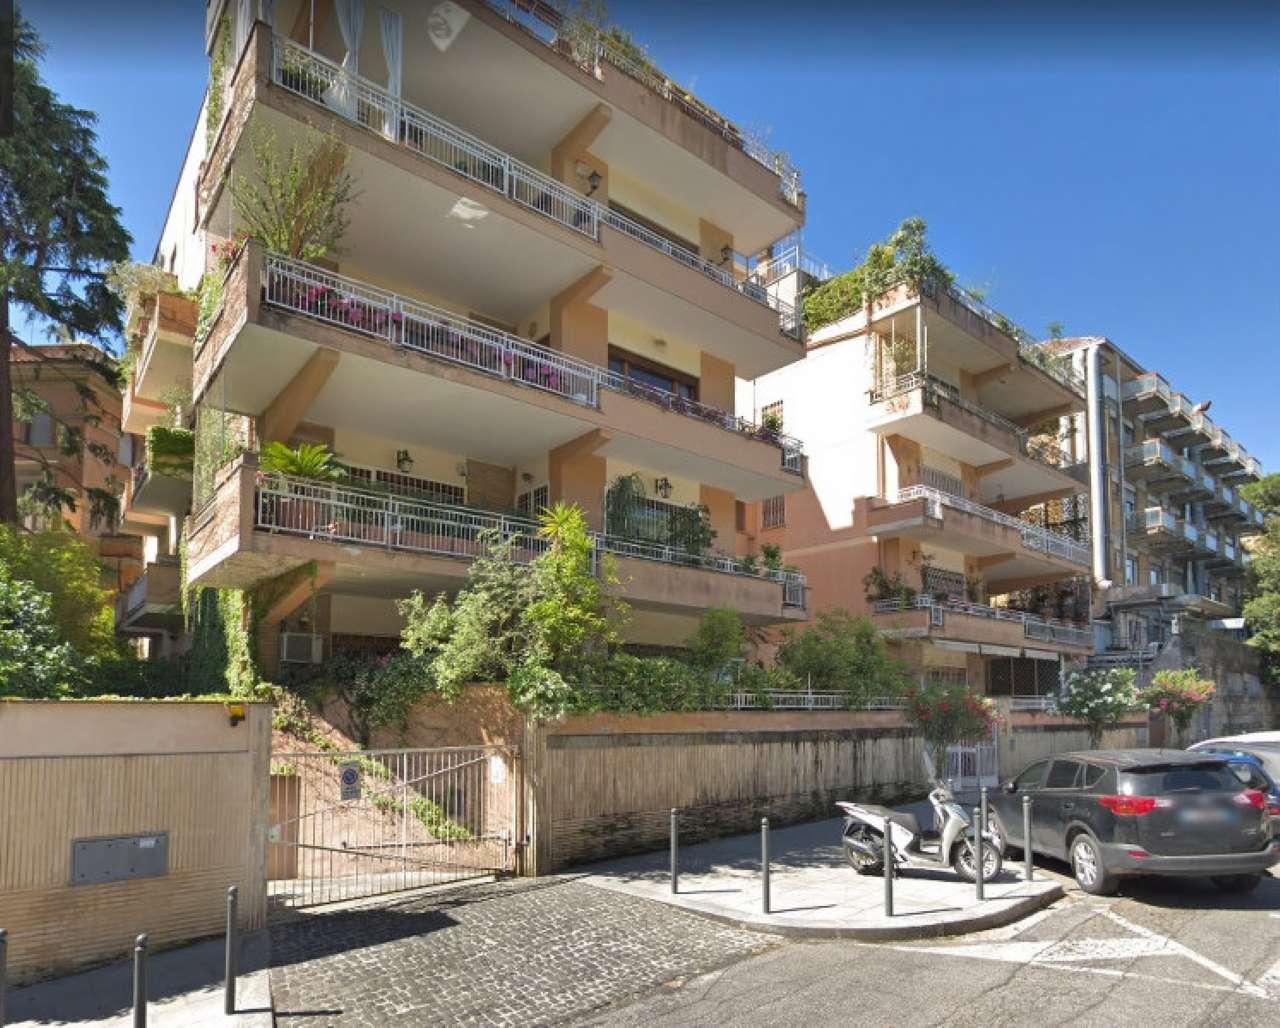 Magazzino in affitto a Roma, 1 locali, zona Zona: 4 . Nomentano, Bologna, Policlinico, prezzo € 1.700 | CambioCasa.it